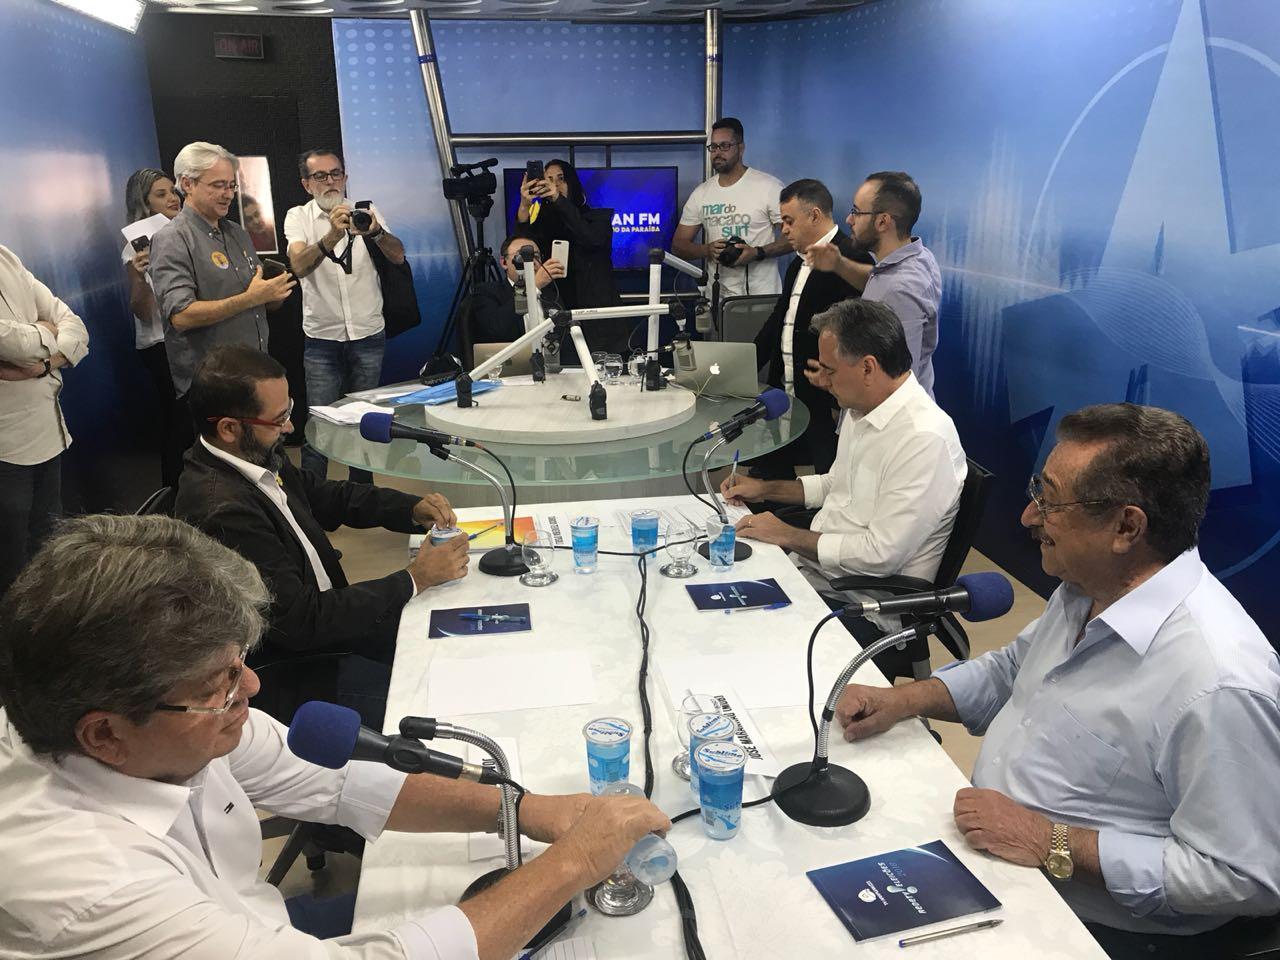 WhatsApp Image 2018 09 03 at 1.16.38 PM - Sistema Arapuan realiza hoje debates com candidatos ao Governo e ao Senado